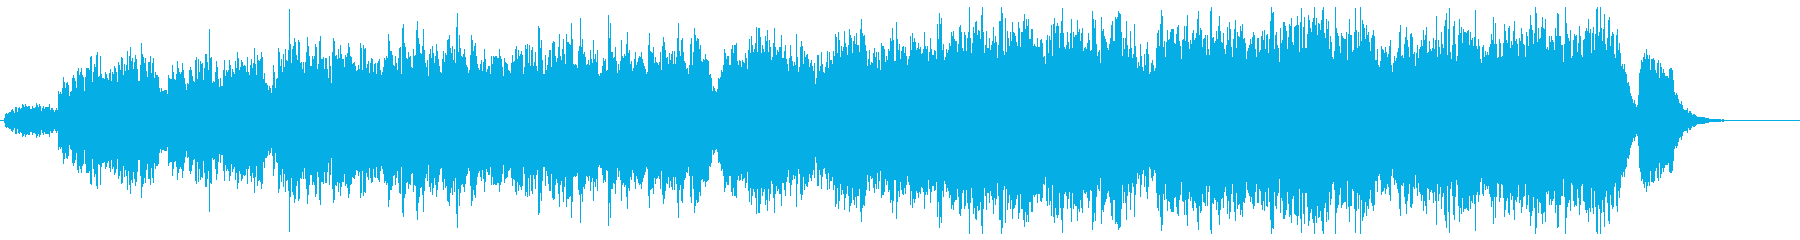 きらきら星(ゆったり)の再生済みの波形